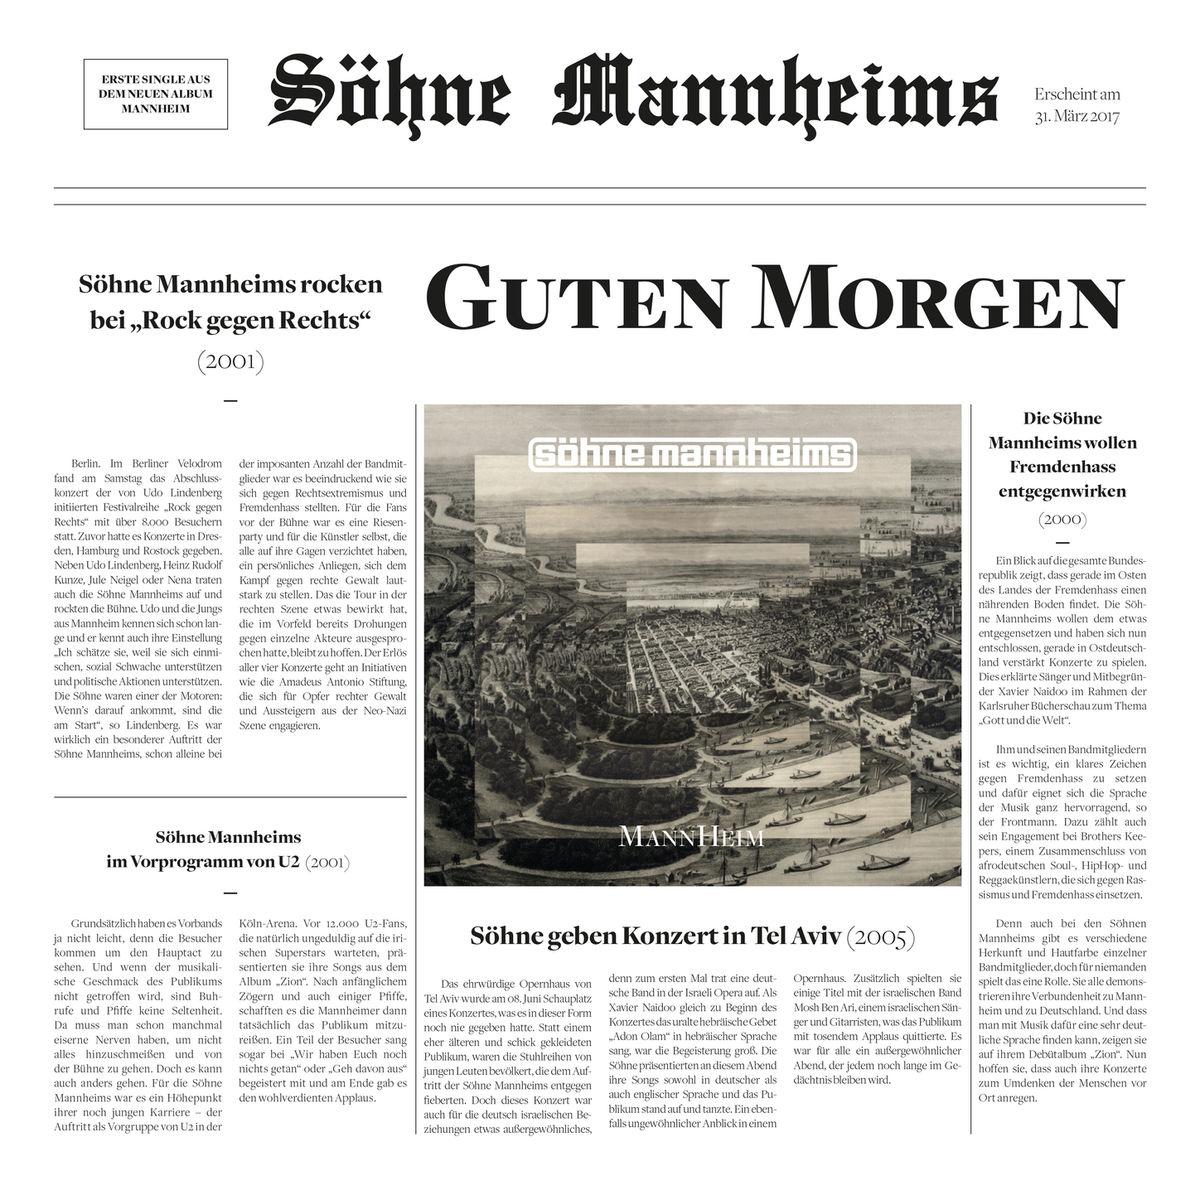 Söhne Mannheims Guten Morgen Hitparadech